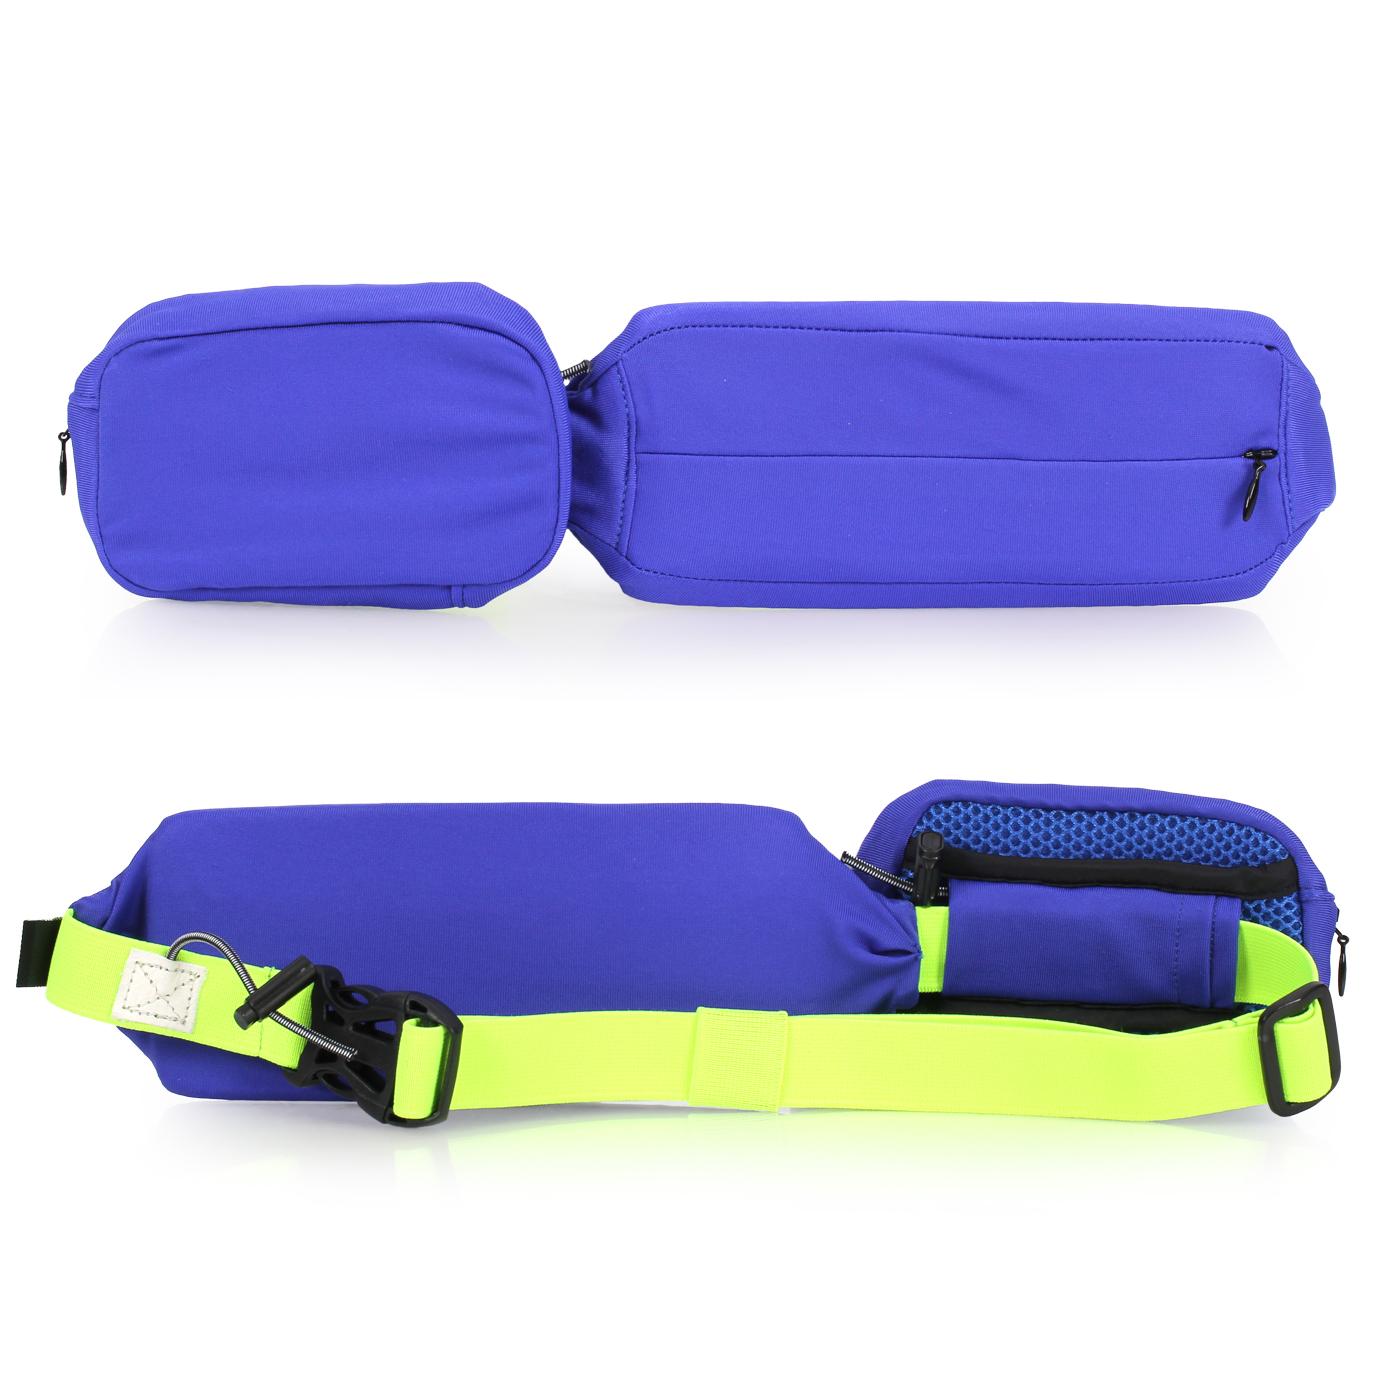 MIZUNO 腰包2pcs 33TM730809 - 藍螢光黃